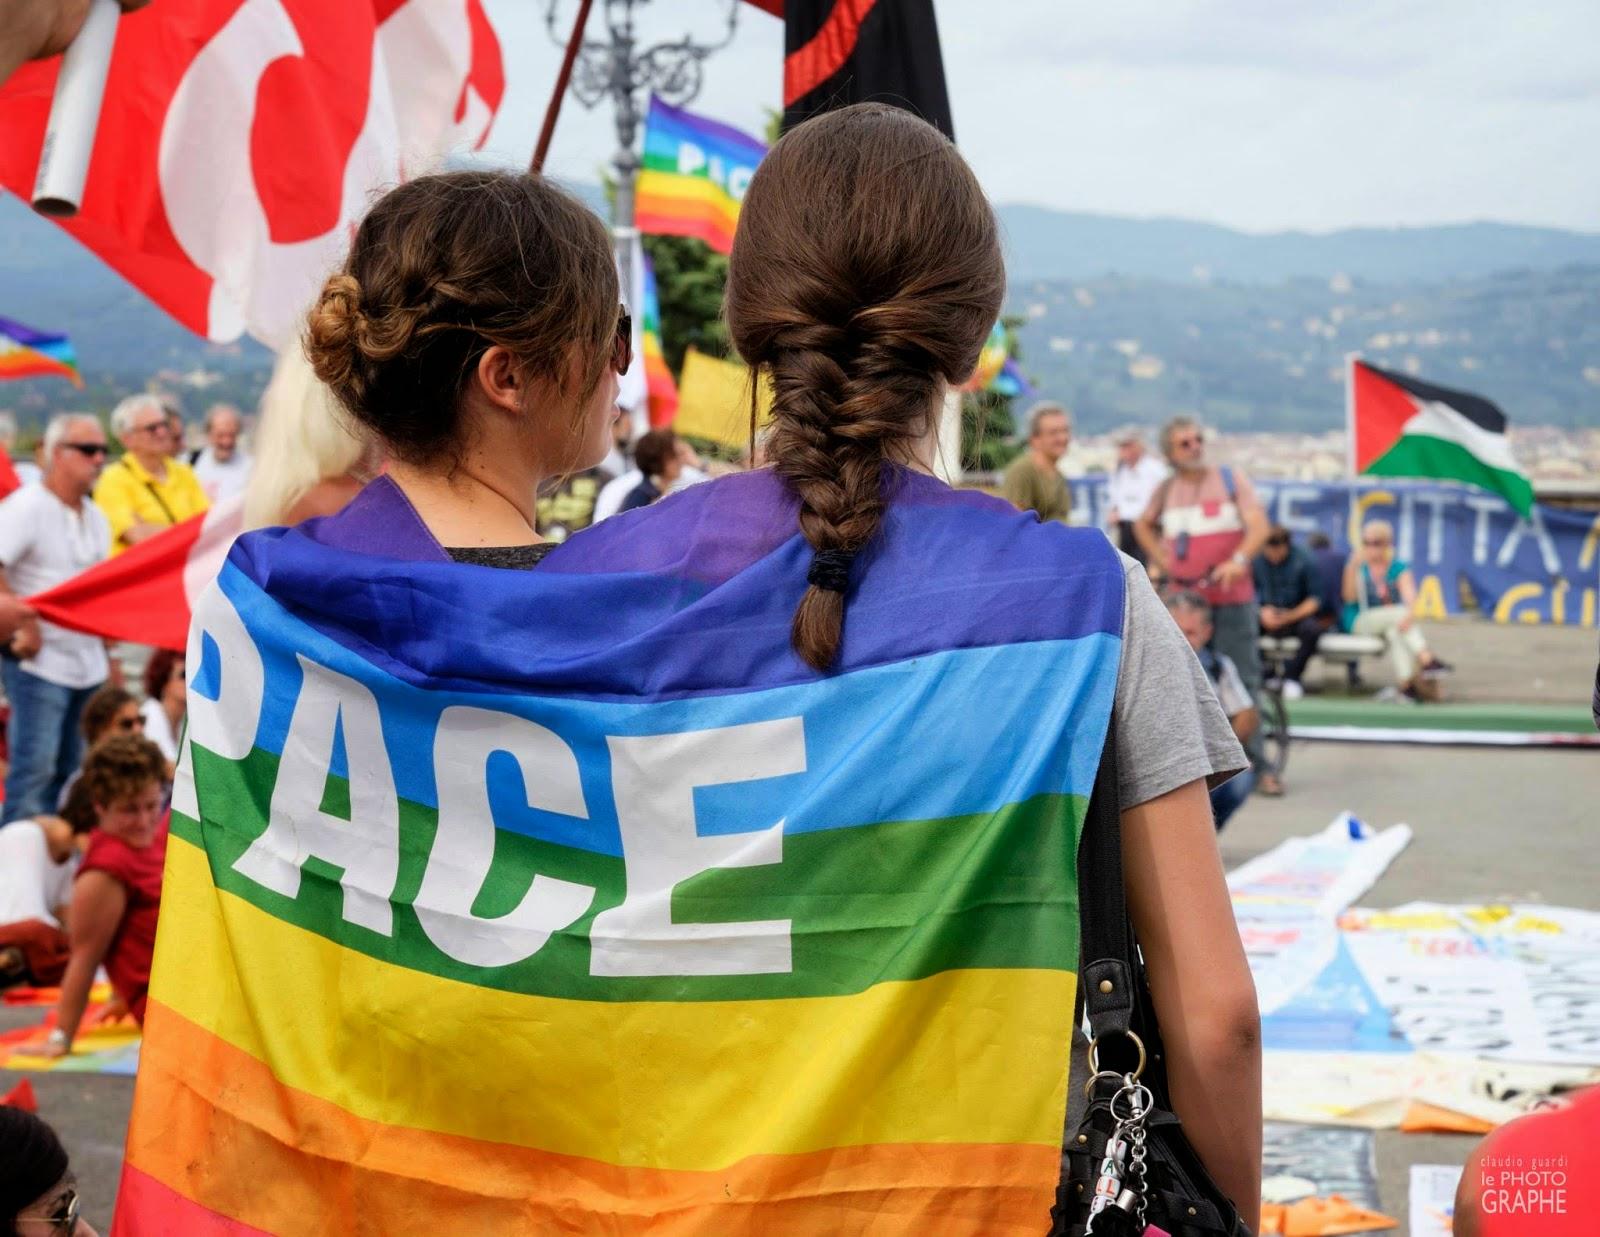 un passo per la pace